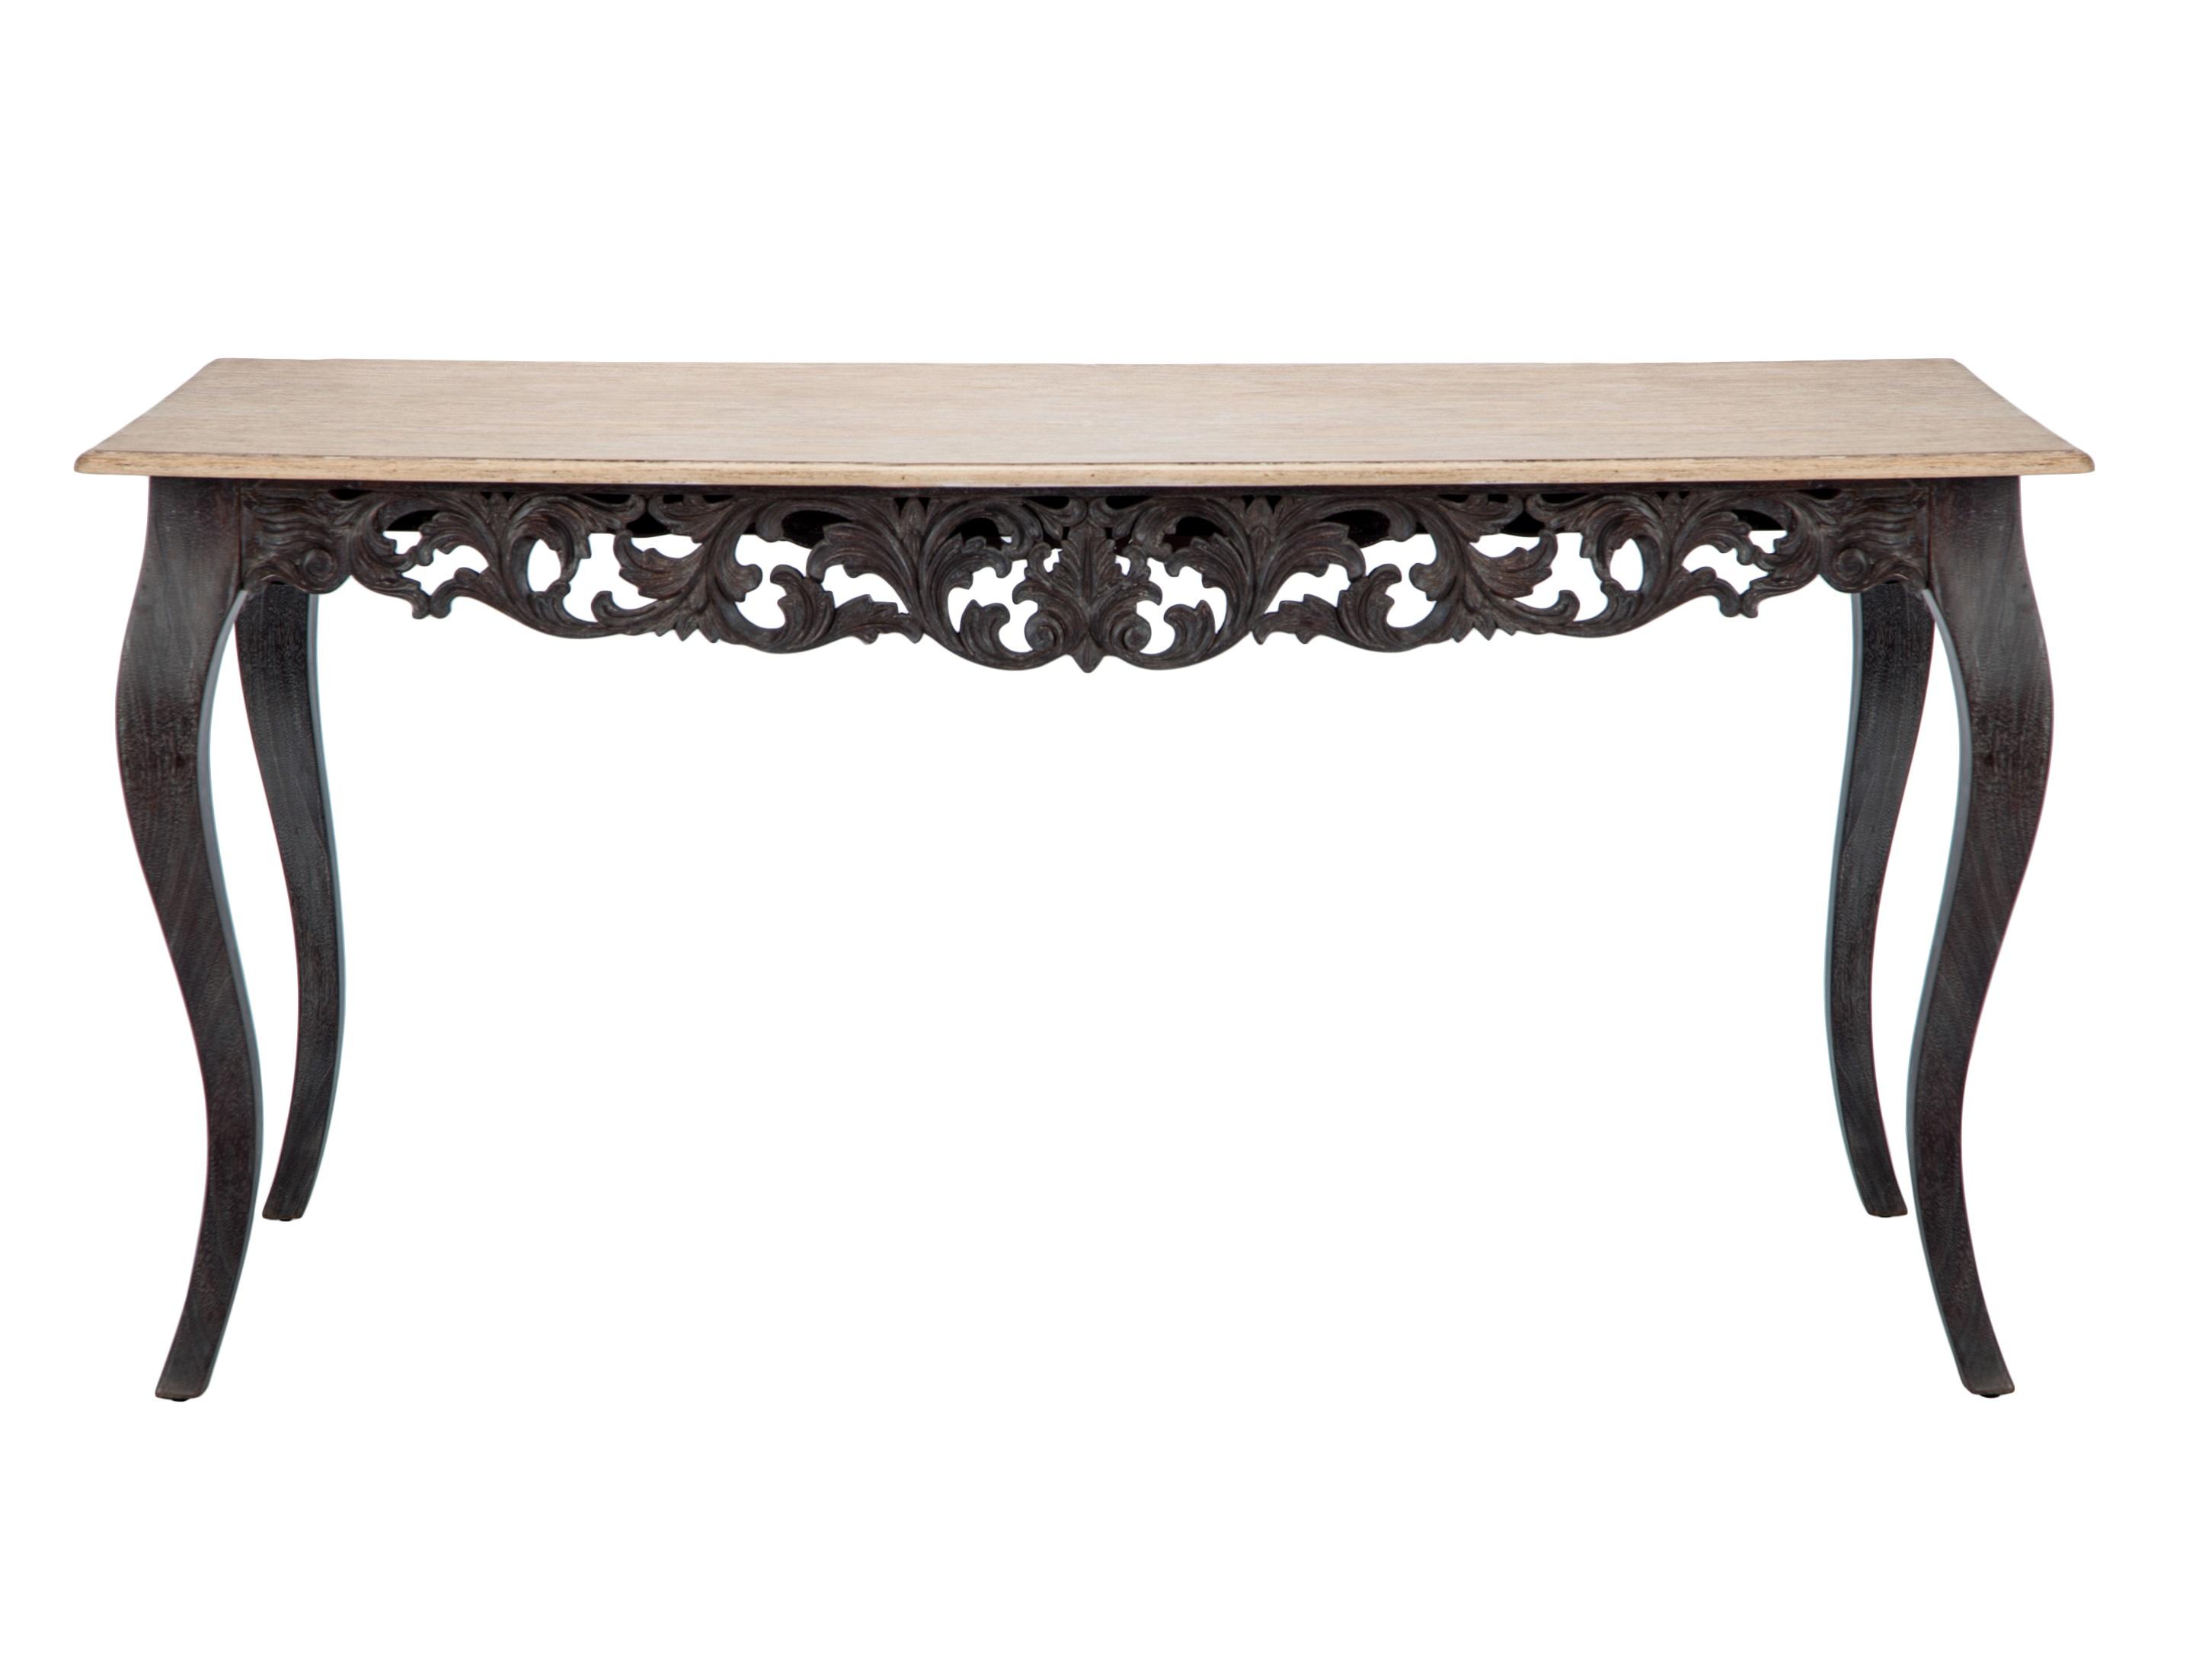 Стол обеденный «Сицилия»Обеденные столы<br>Стол обеденный прямоугольный из дерева махагони, украшен резьбой ручной работы. Столешница декорирована шпоном дерева минди.<br><br>Material: Красное дерево<br>Ширина см: 160<br>Высота см: 77<br>Глубина см: 80